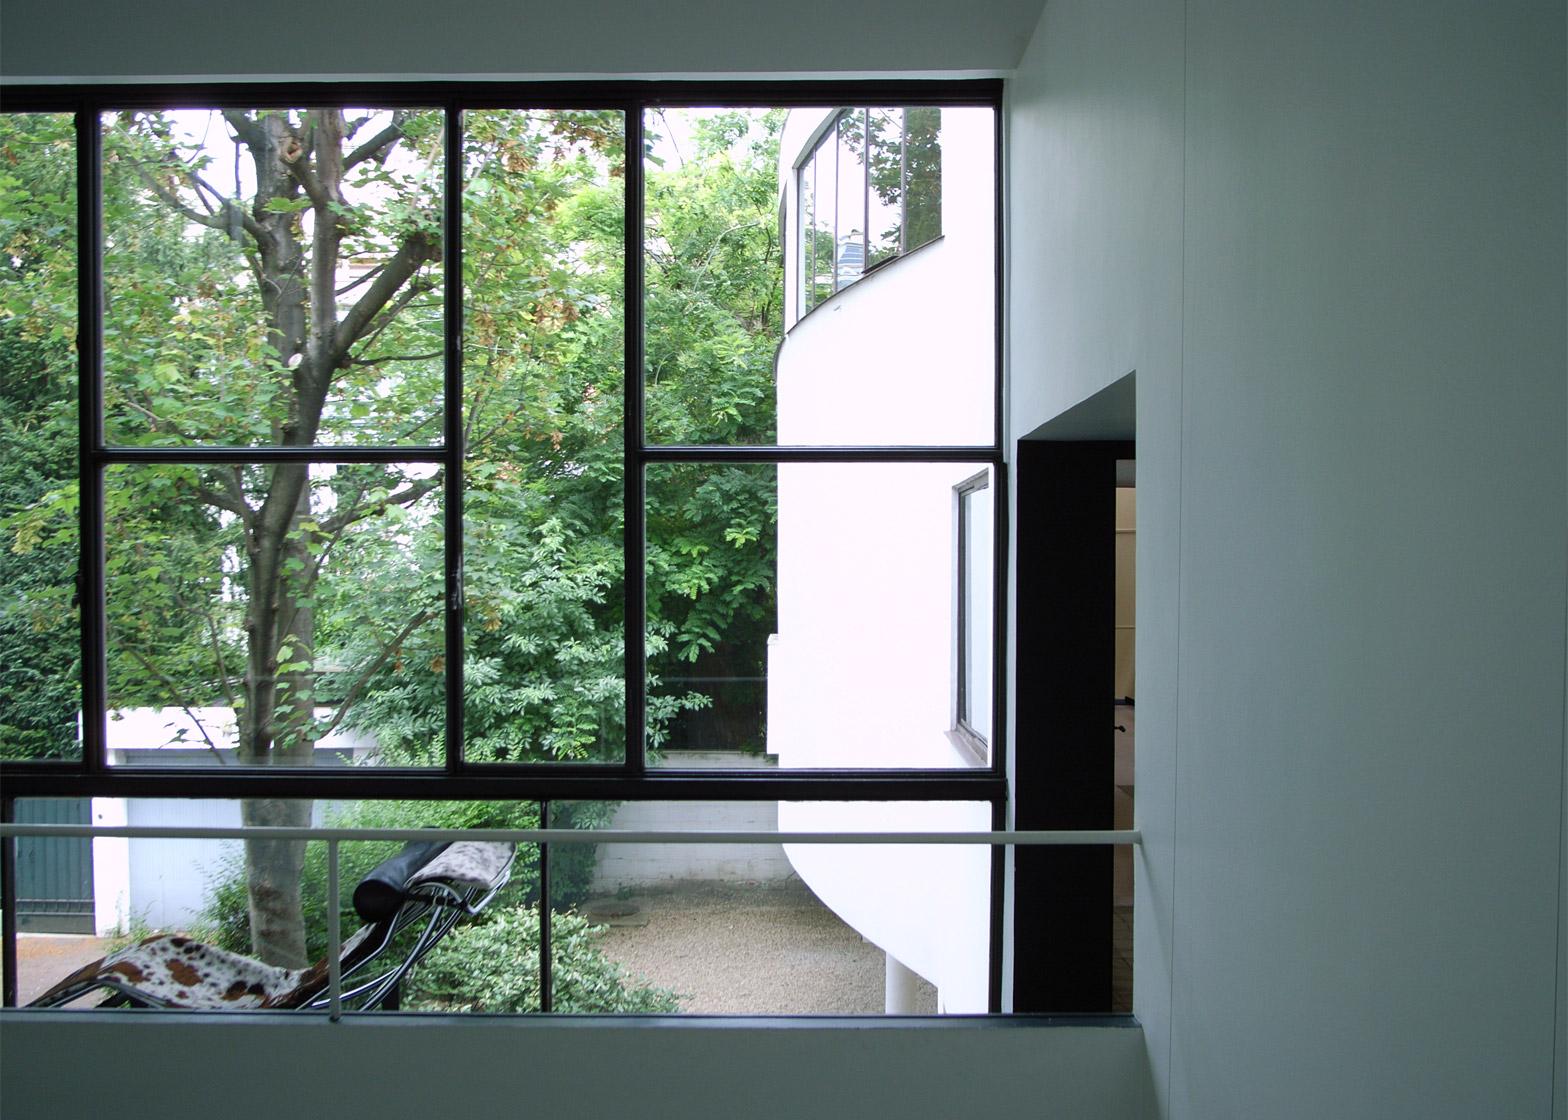 Maison La Roche by Le Corbusier